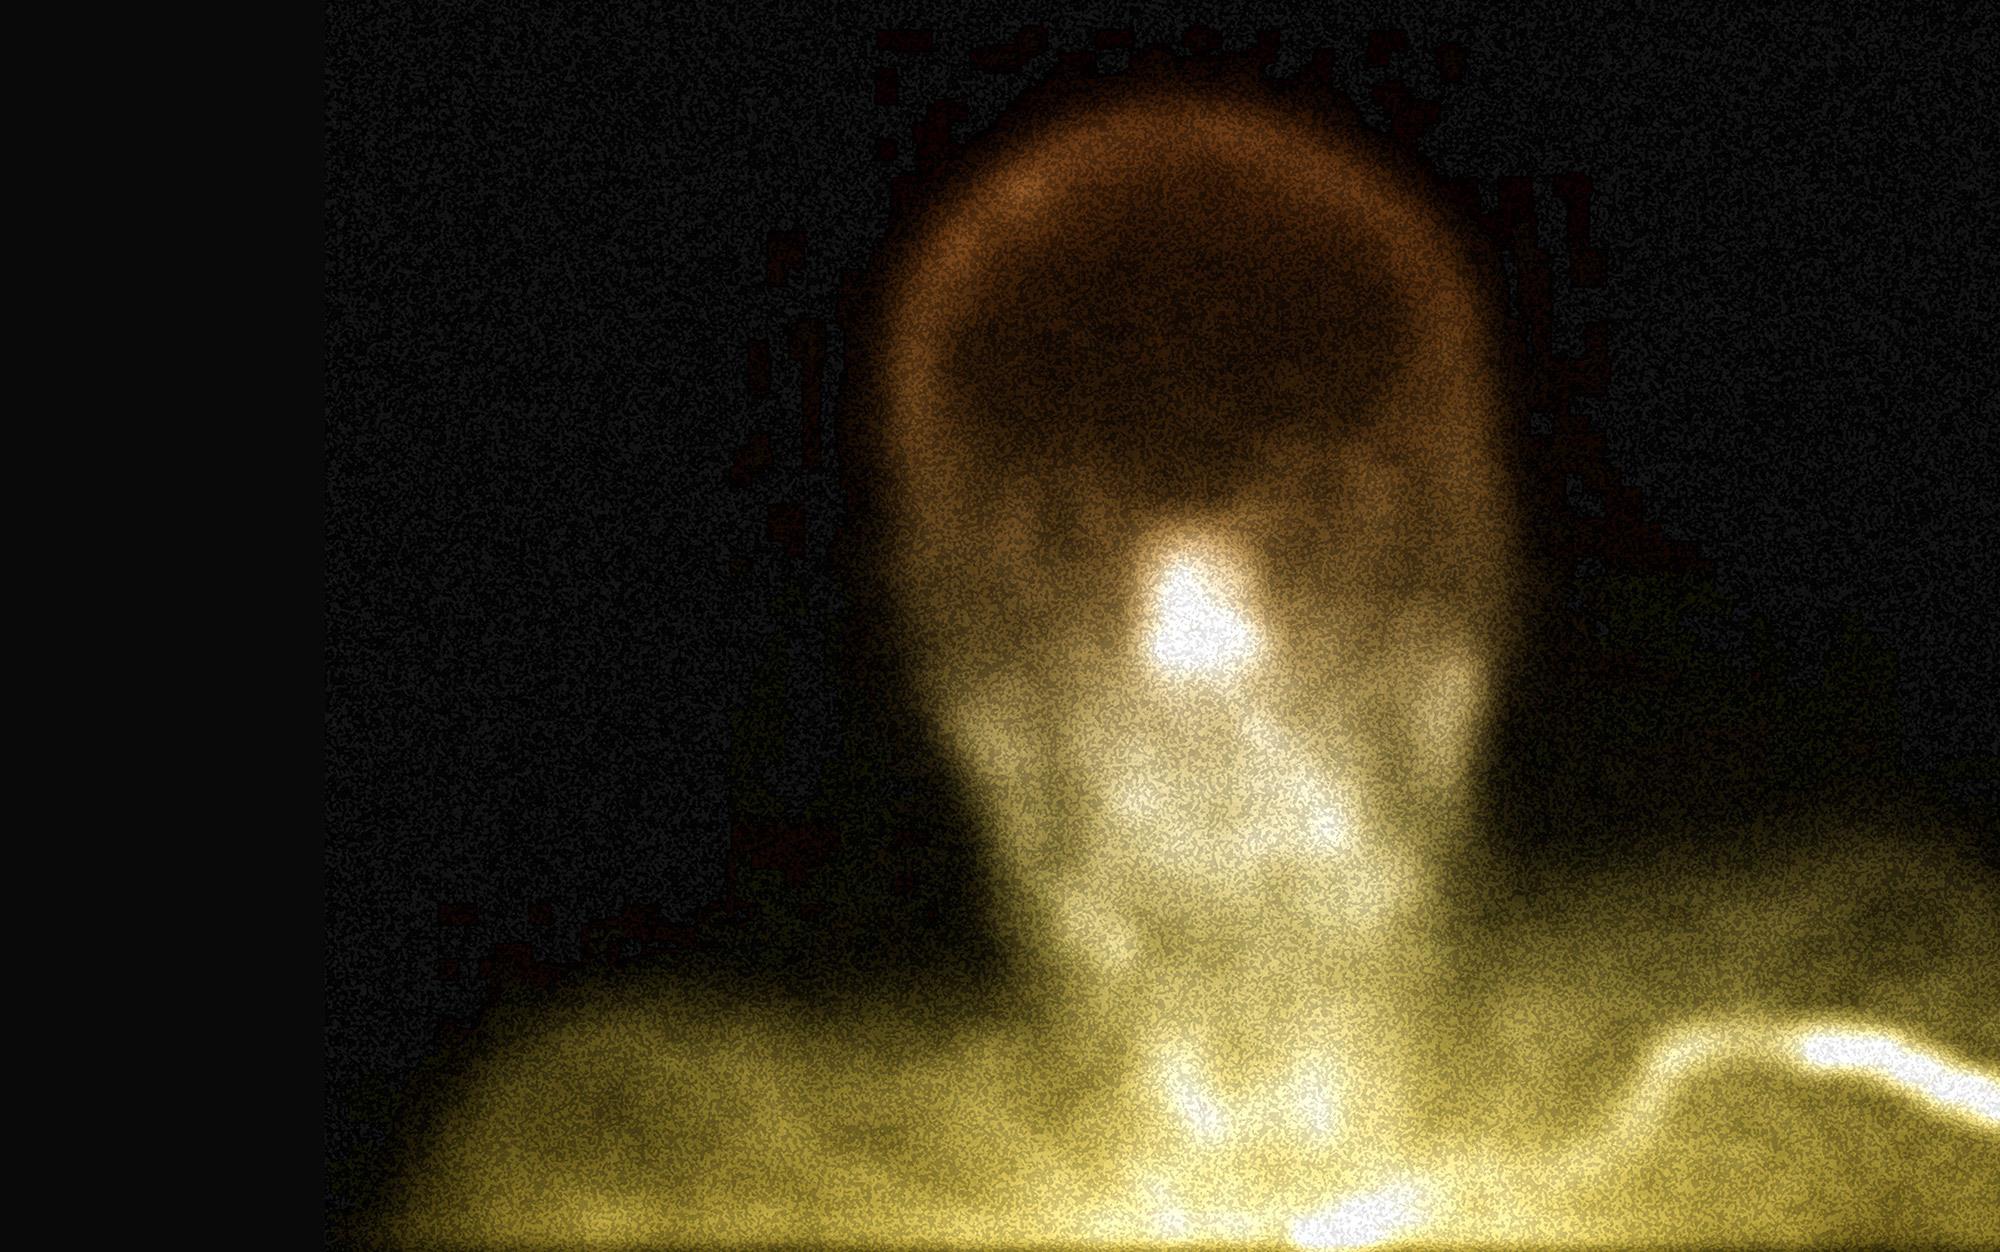 Neither person nor cadaver | Aeon